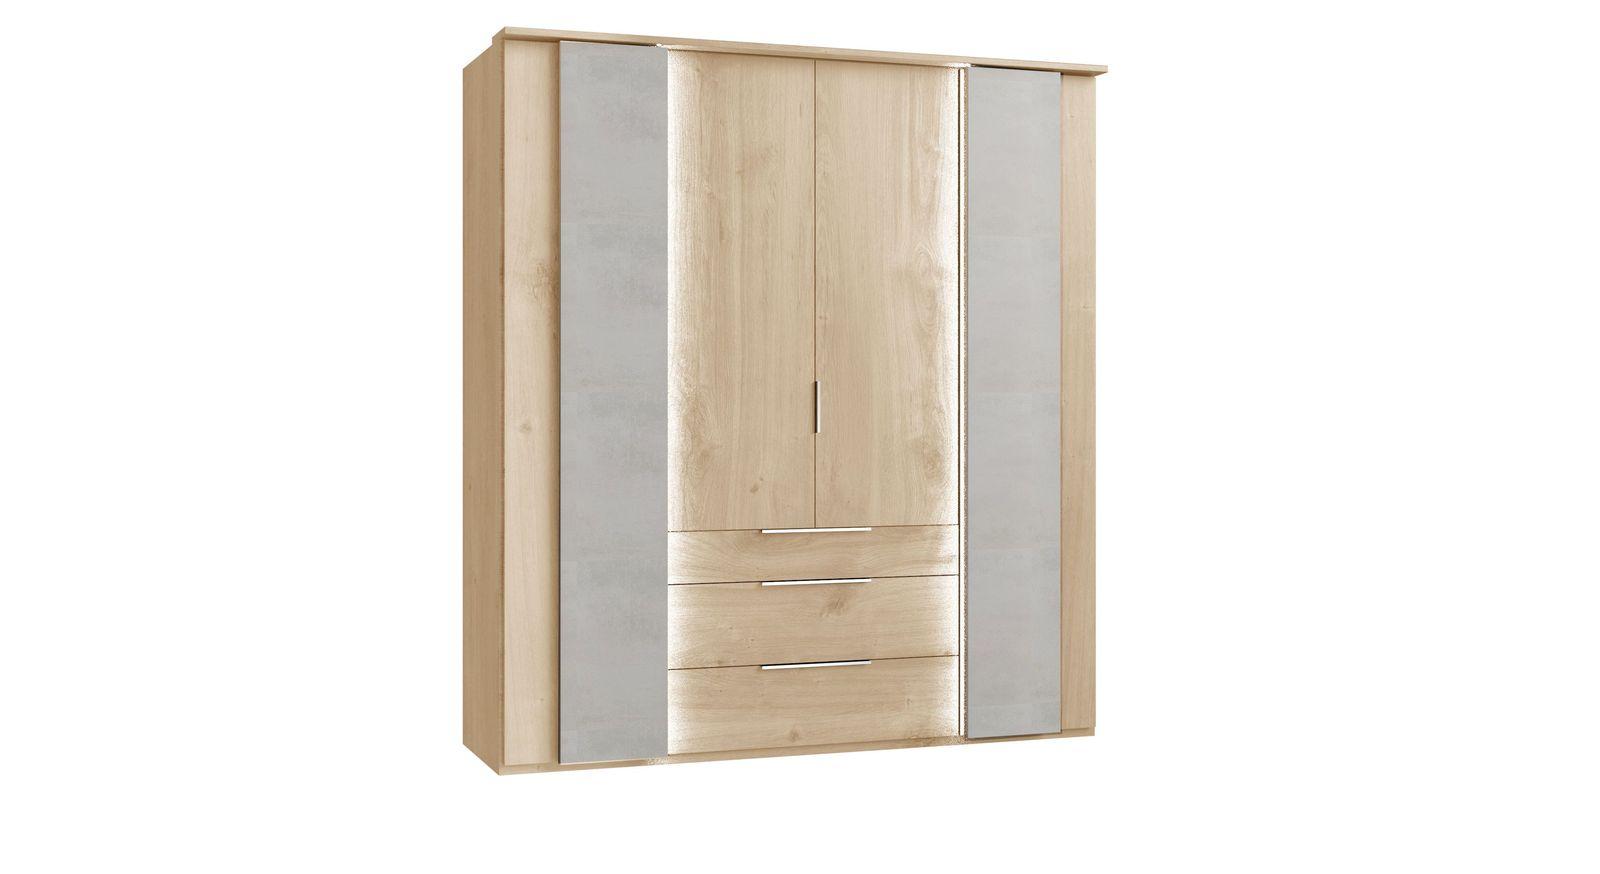 Funktions-Kleiderschrank Hayward mit Koffertüren inklusive Beleuchtung